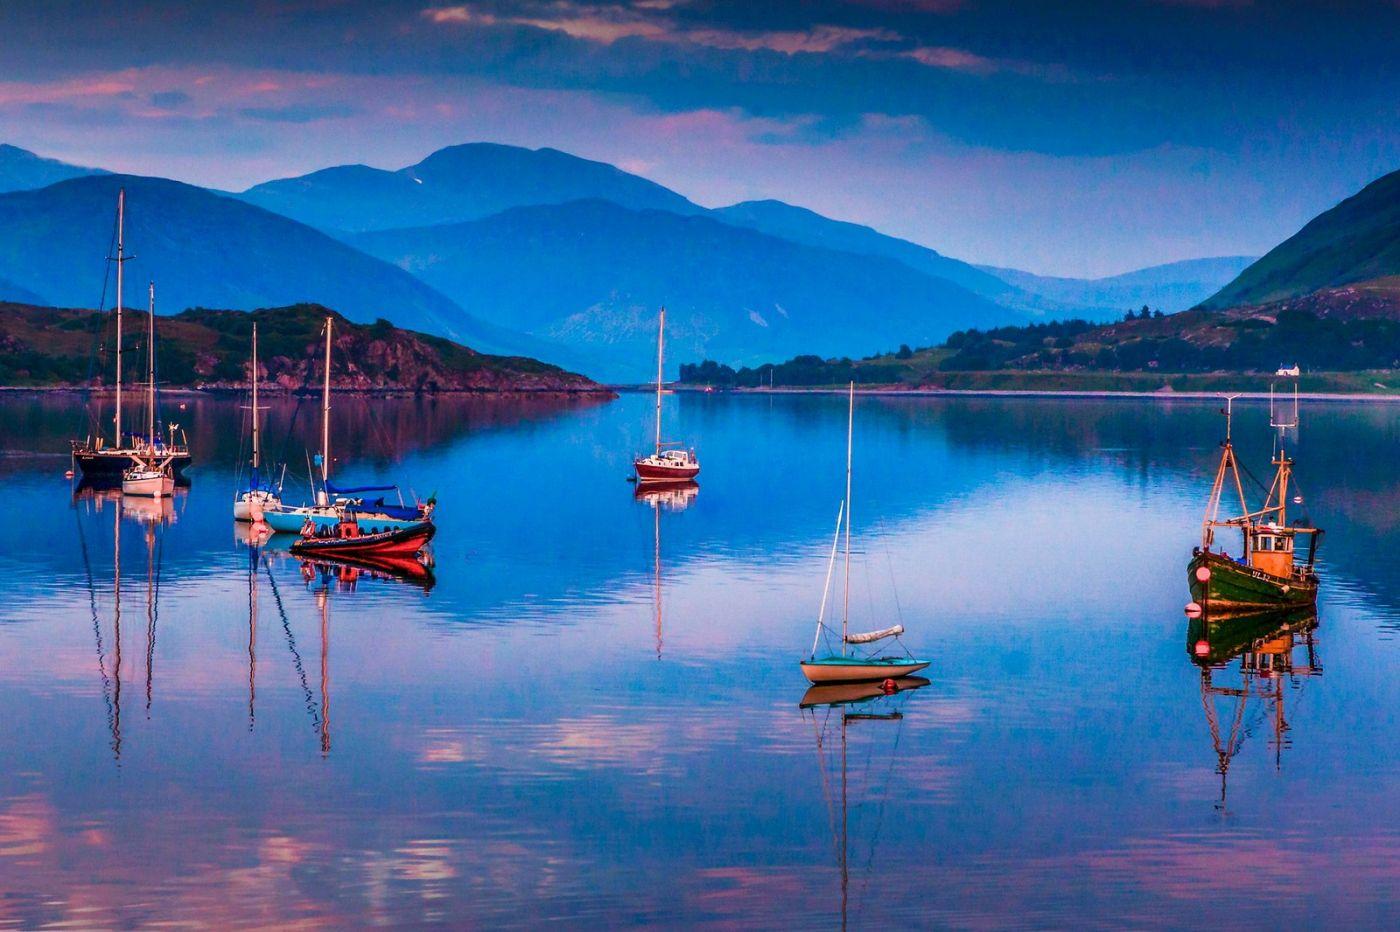 苏格兰阿勒浦(Ullapool),如镜的湖面_图1-15